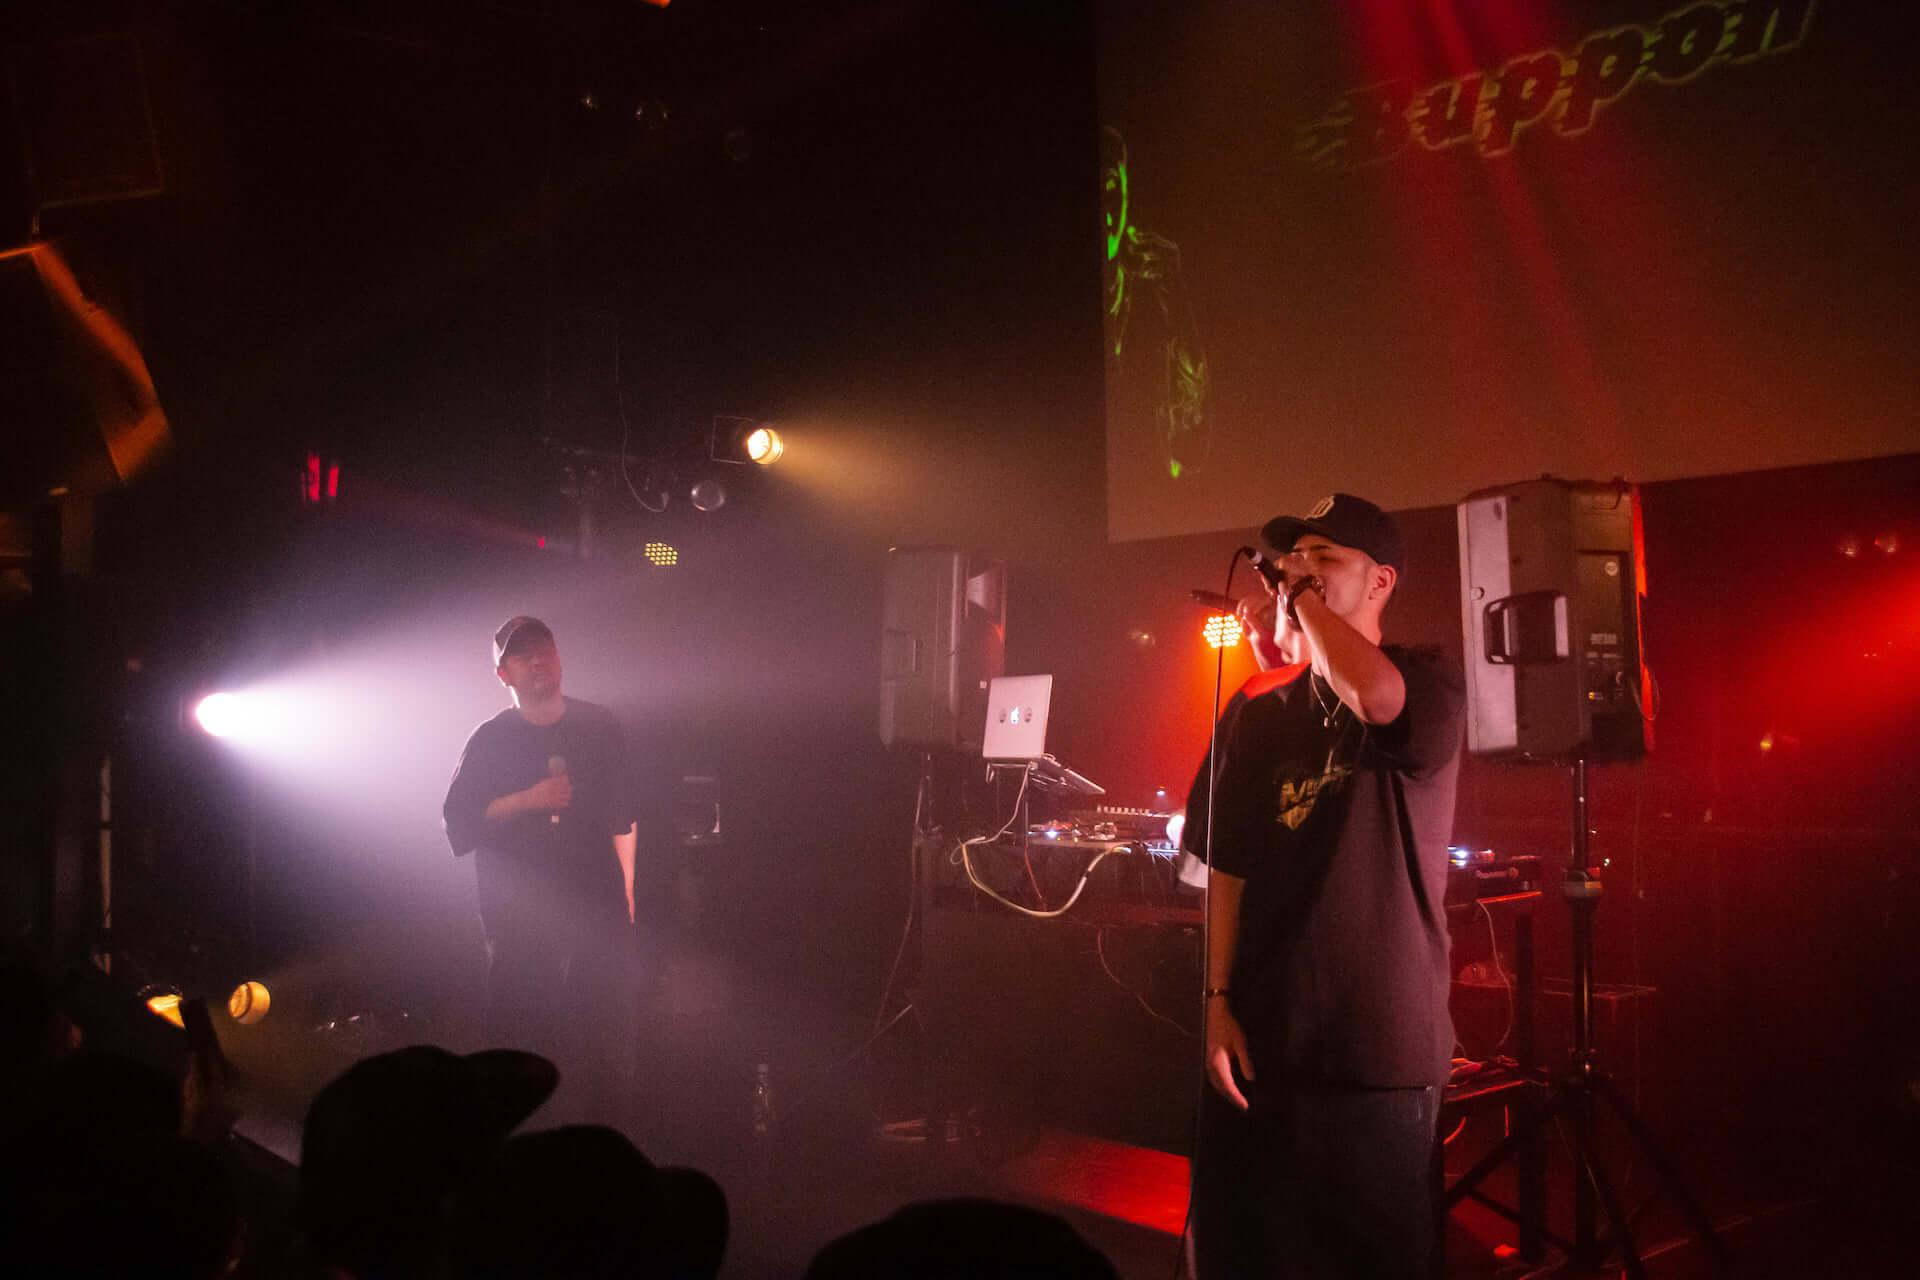 【レポート】BUPPON&¥ellow Bucksダブルリリースパーティー<Bla9 Marke2>で見えたヒップホップ・シーンの胎動 music190805_bla9marke2_11.jpg-1920x1280